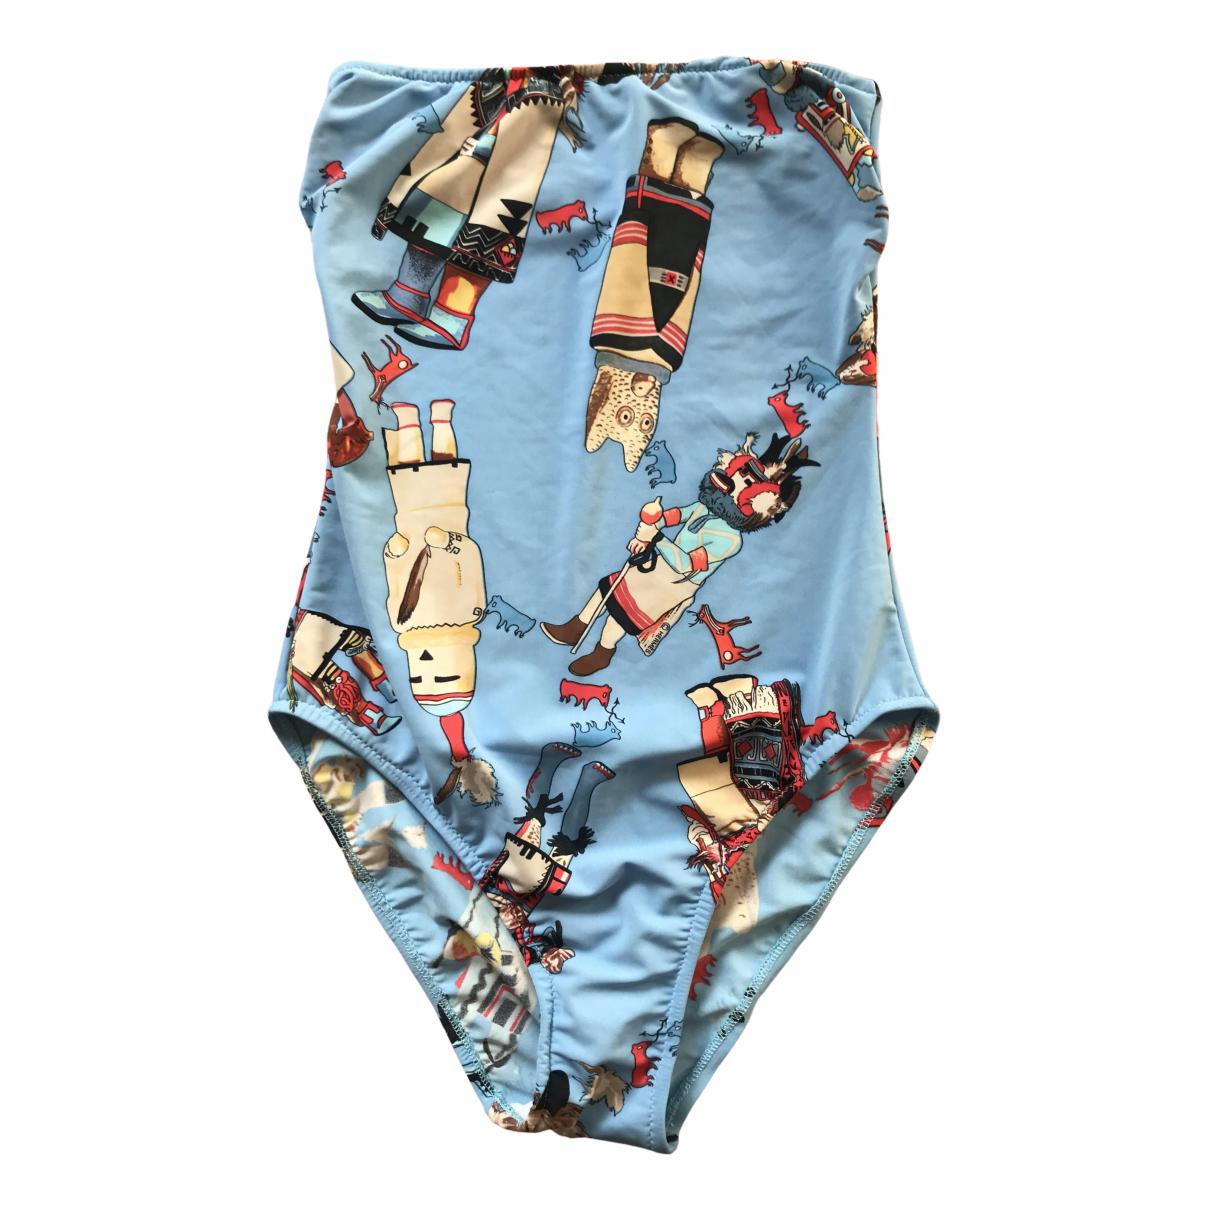 Hermes \N Badeanzug in  Blau Polyester